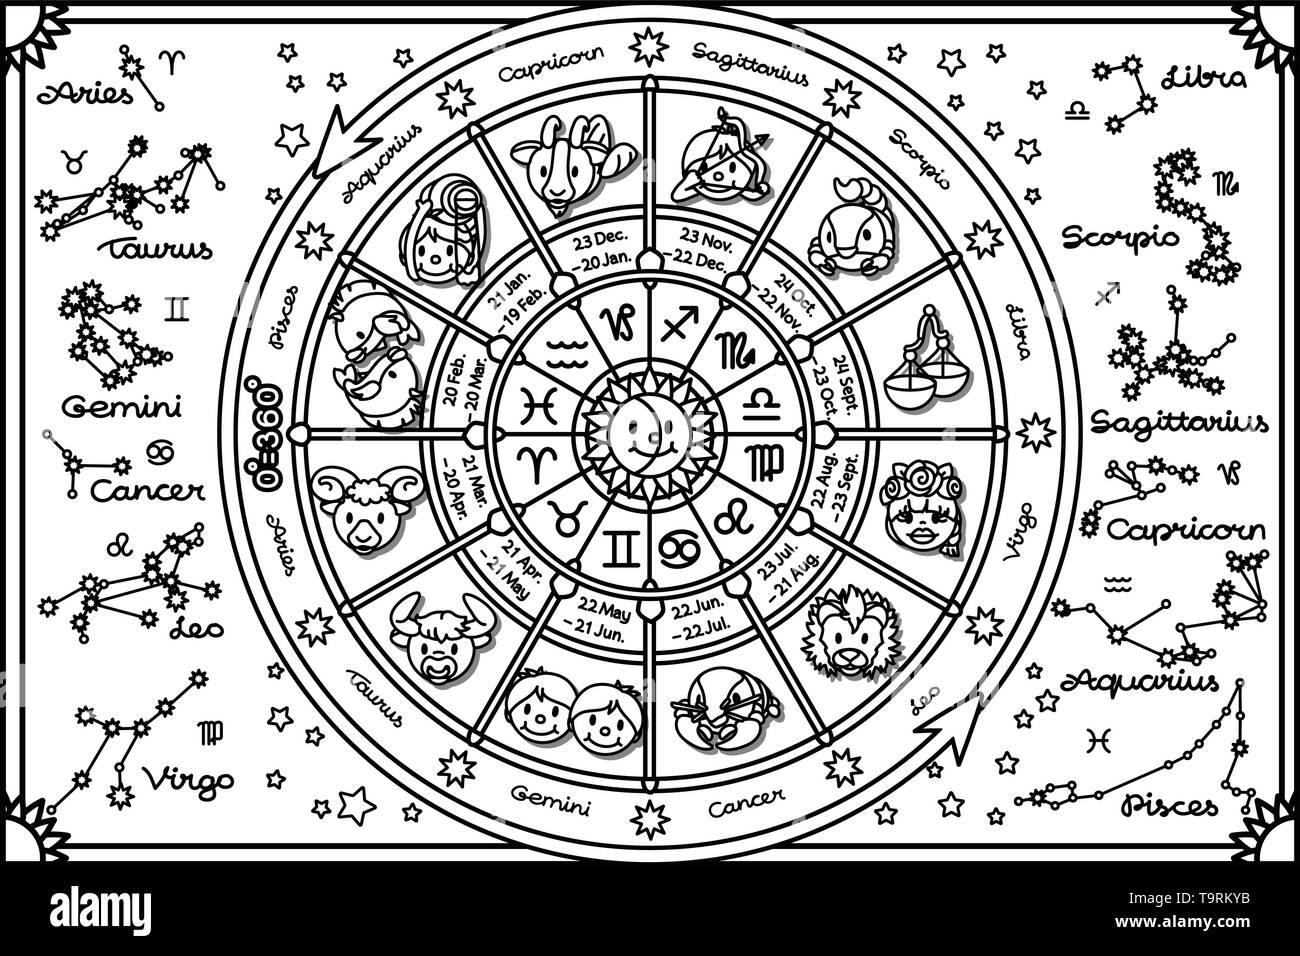 Lindo vector círculo zodiacal Horóscopo cartel calendario Imagen De Stock